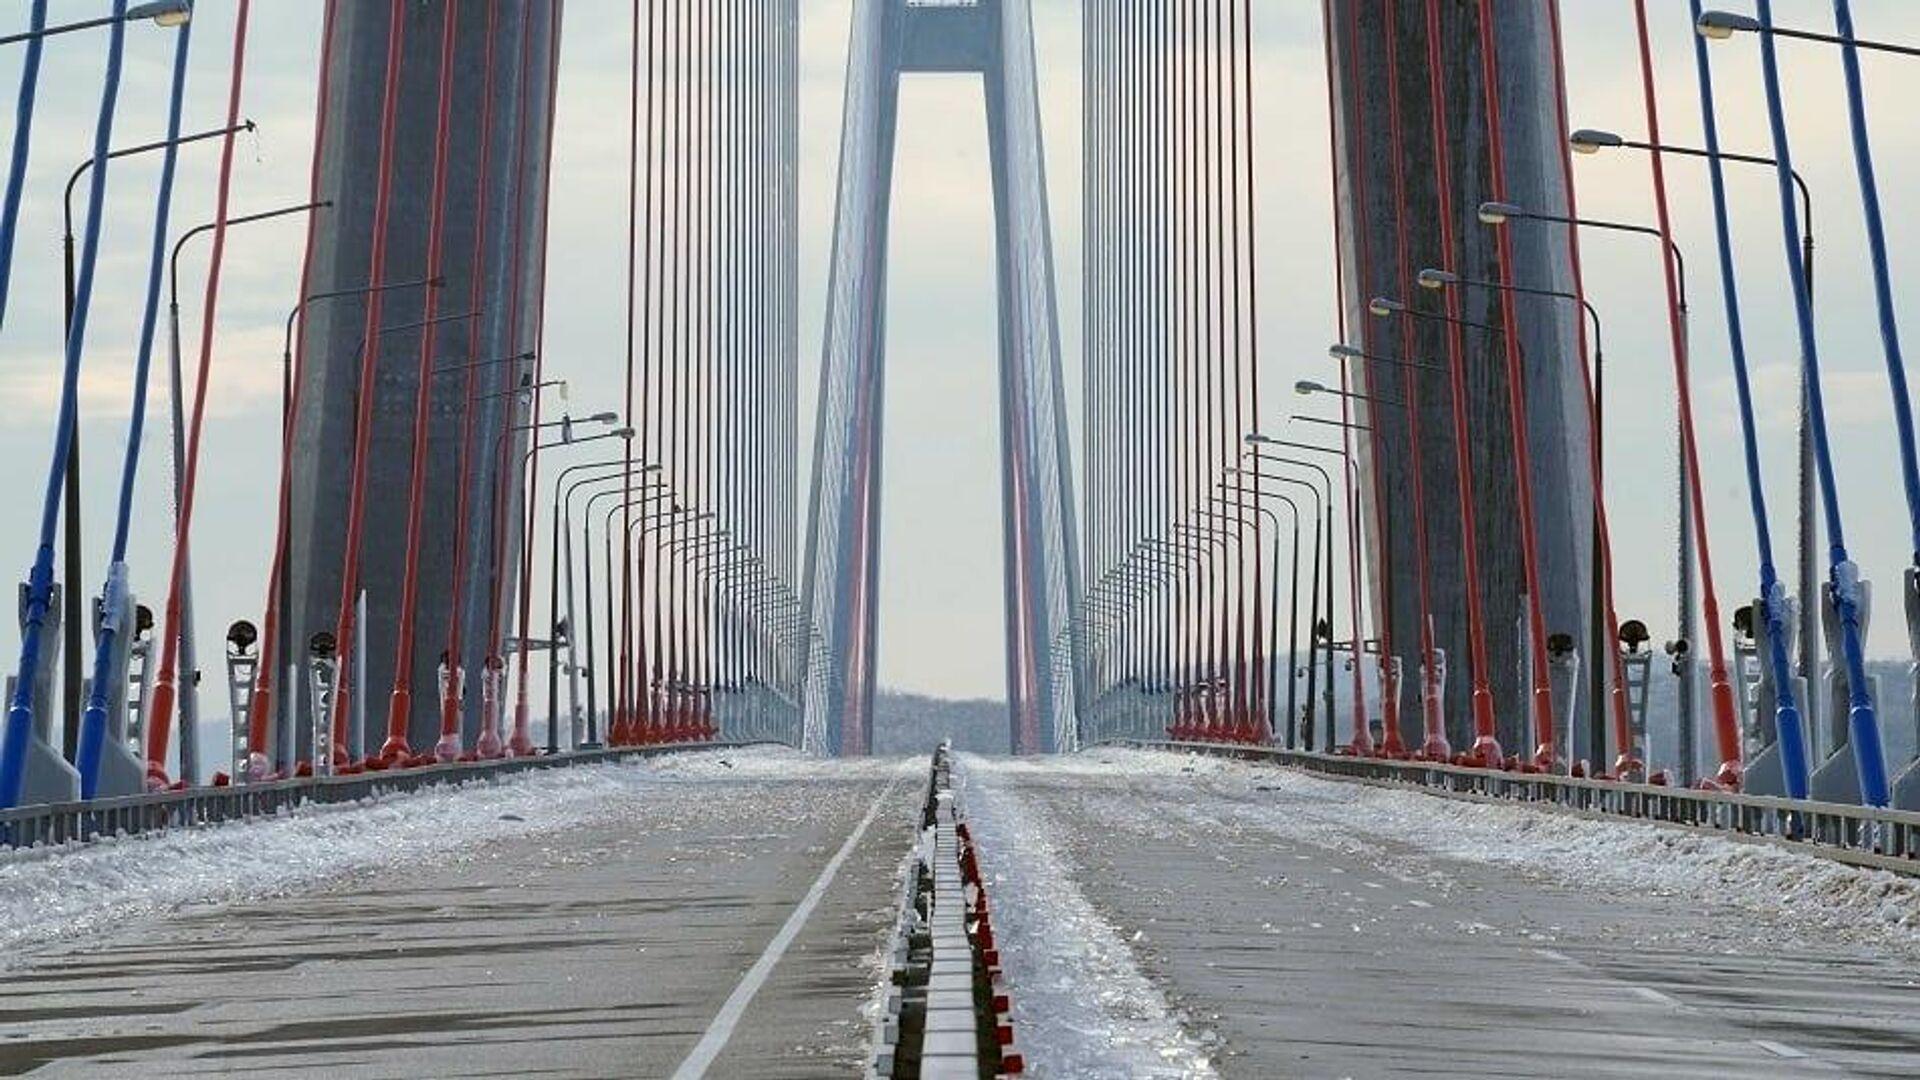 Осколки наледи на мосту на остров Русский во Владивостоке - РИА Новости, 1920, 01.12.2020